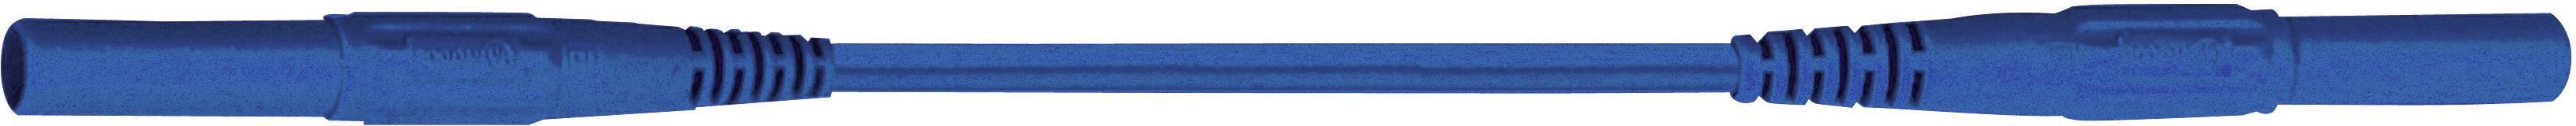 Merací silikónový kábel Multicontact XMS-419, 2,5 mm², modrý, 1m